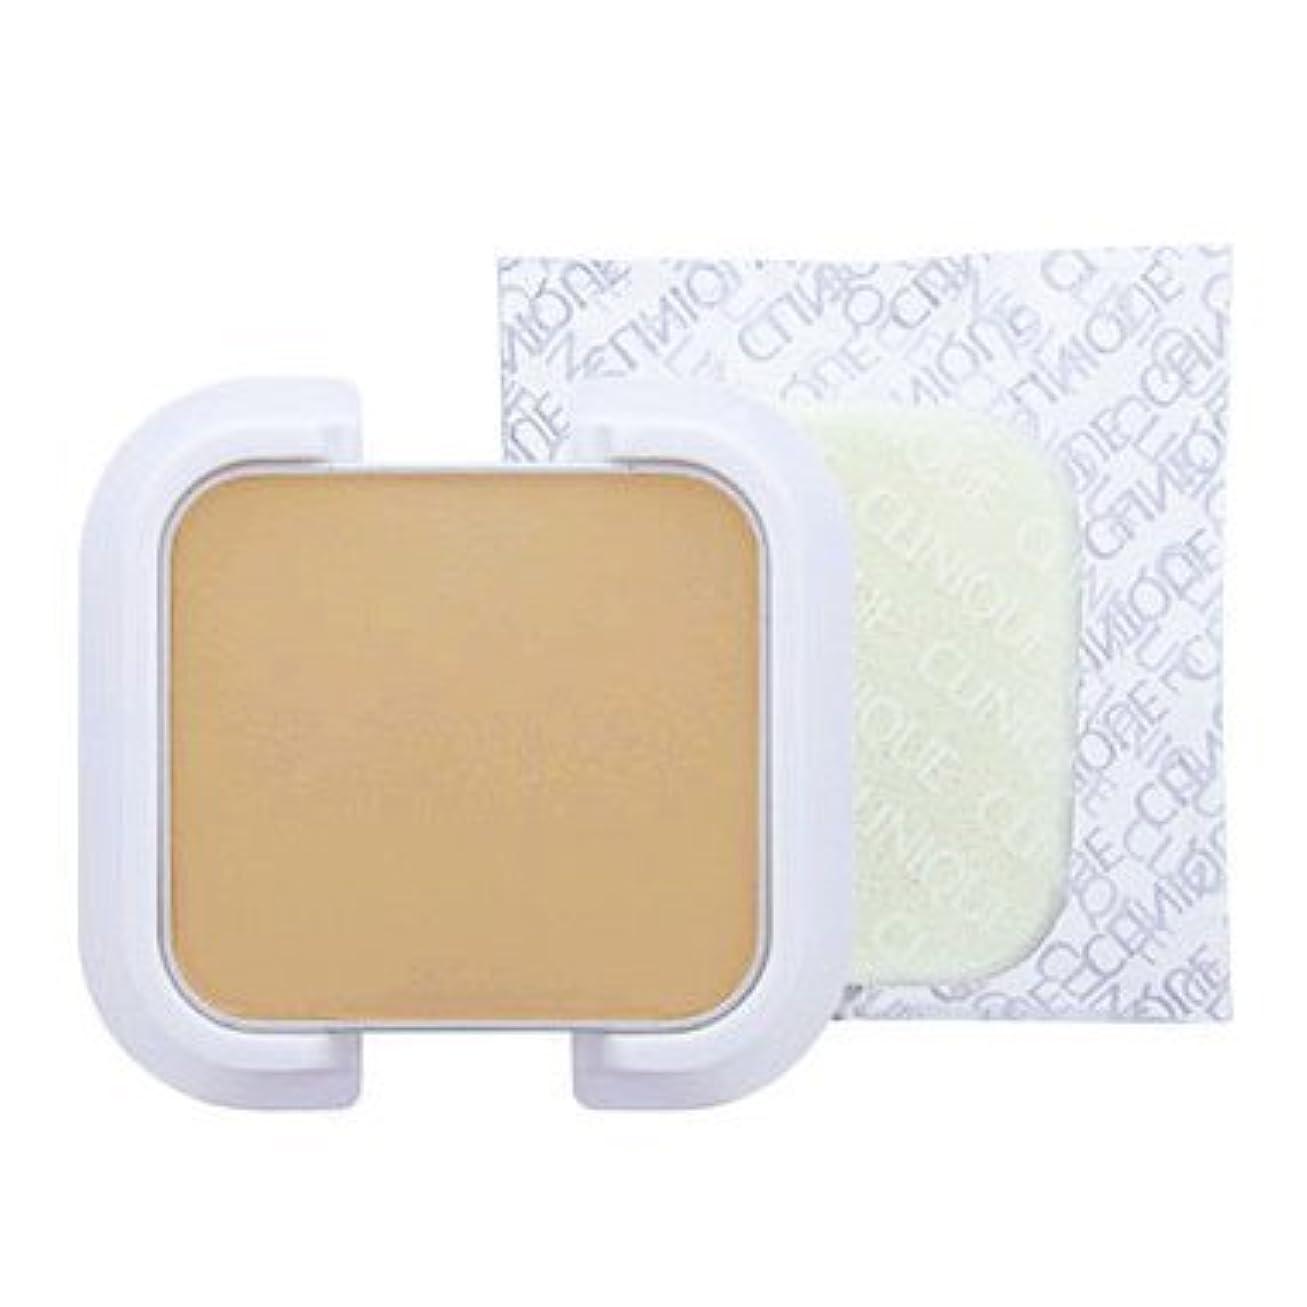 保安修理工インフルエンザCLINIQUE クリニーク イーブン ベター パウダー メークアップ ウォーター ヴェール 27 (リフィル) #64 cream beige SPF27/PA+++ 10g [並行輸入品]